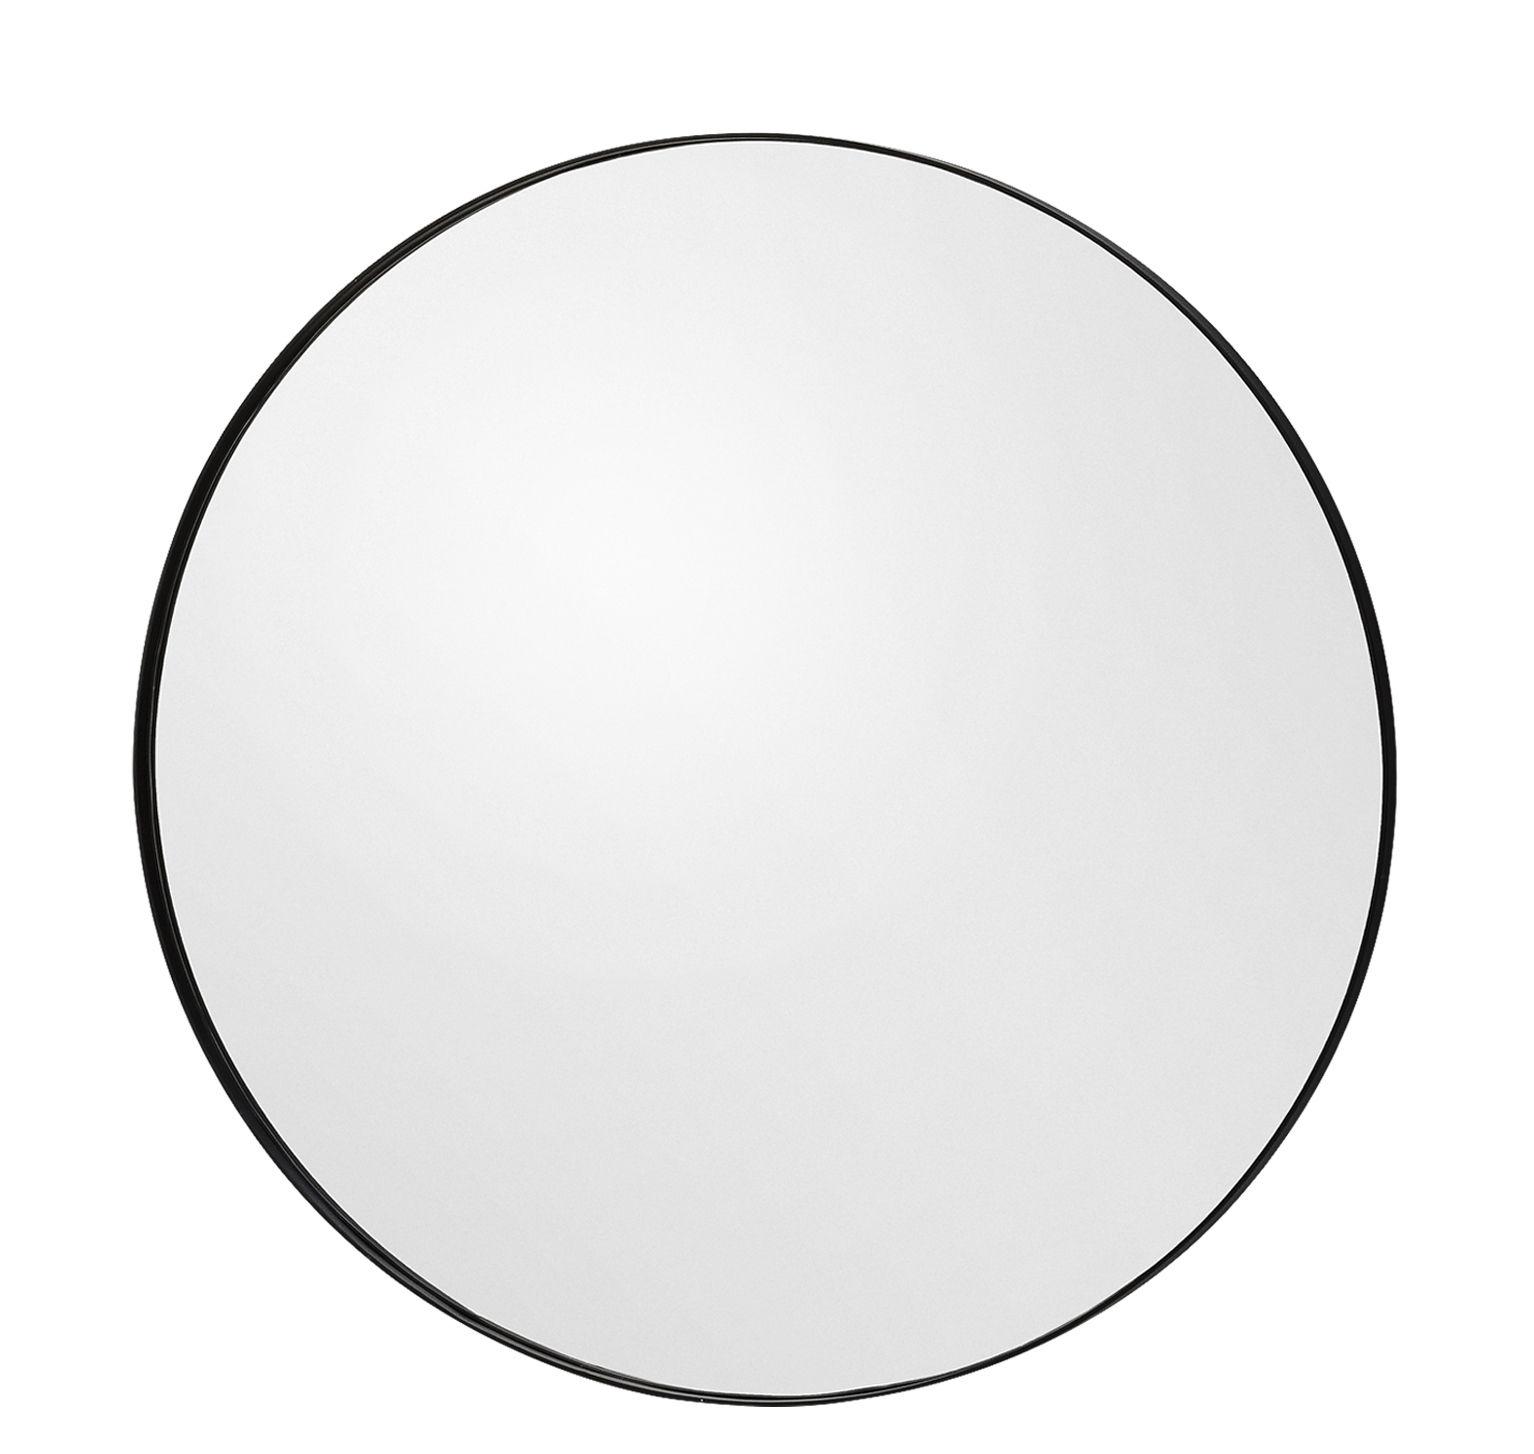 Interni - Specchi - Specchio Circum Small / Ø 70 cm - AYTM - Grigio fumé - MDF tinto, Vetro